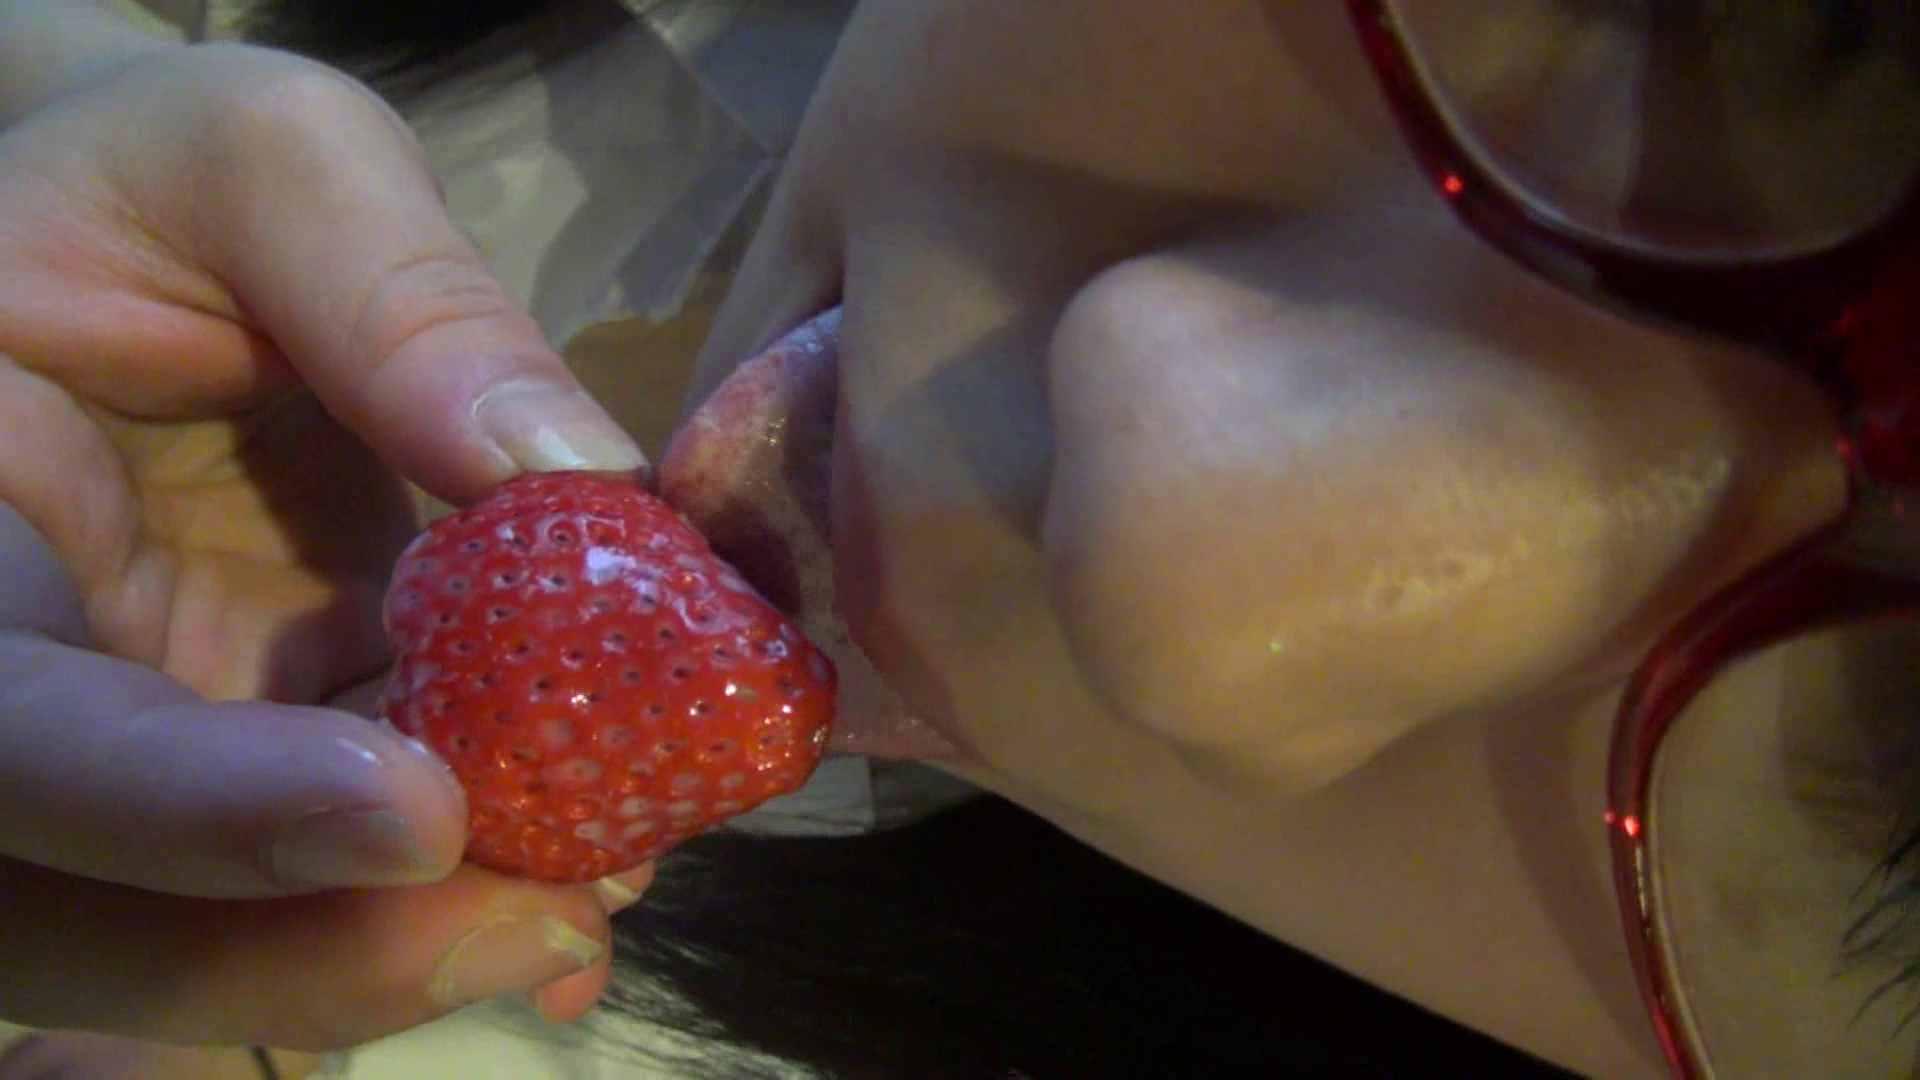 この瞬間だけでも貴方の全てで在りたい。 リアルマンコ SEX無修正画像 109枚 34